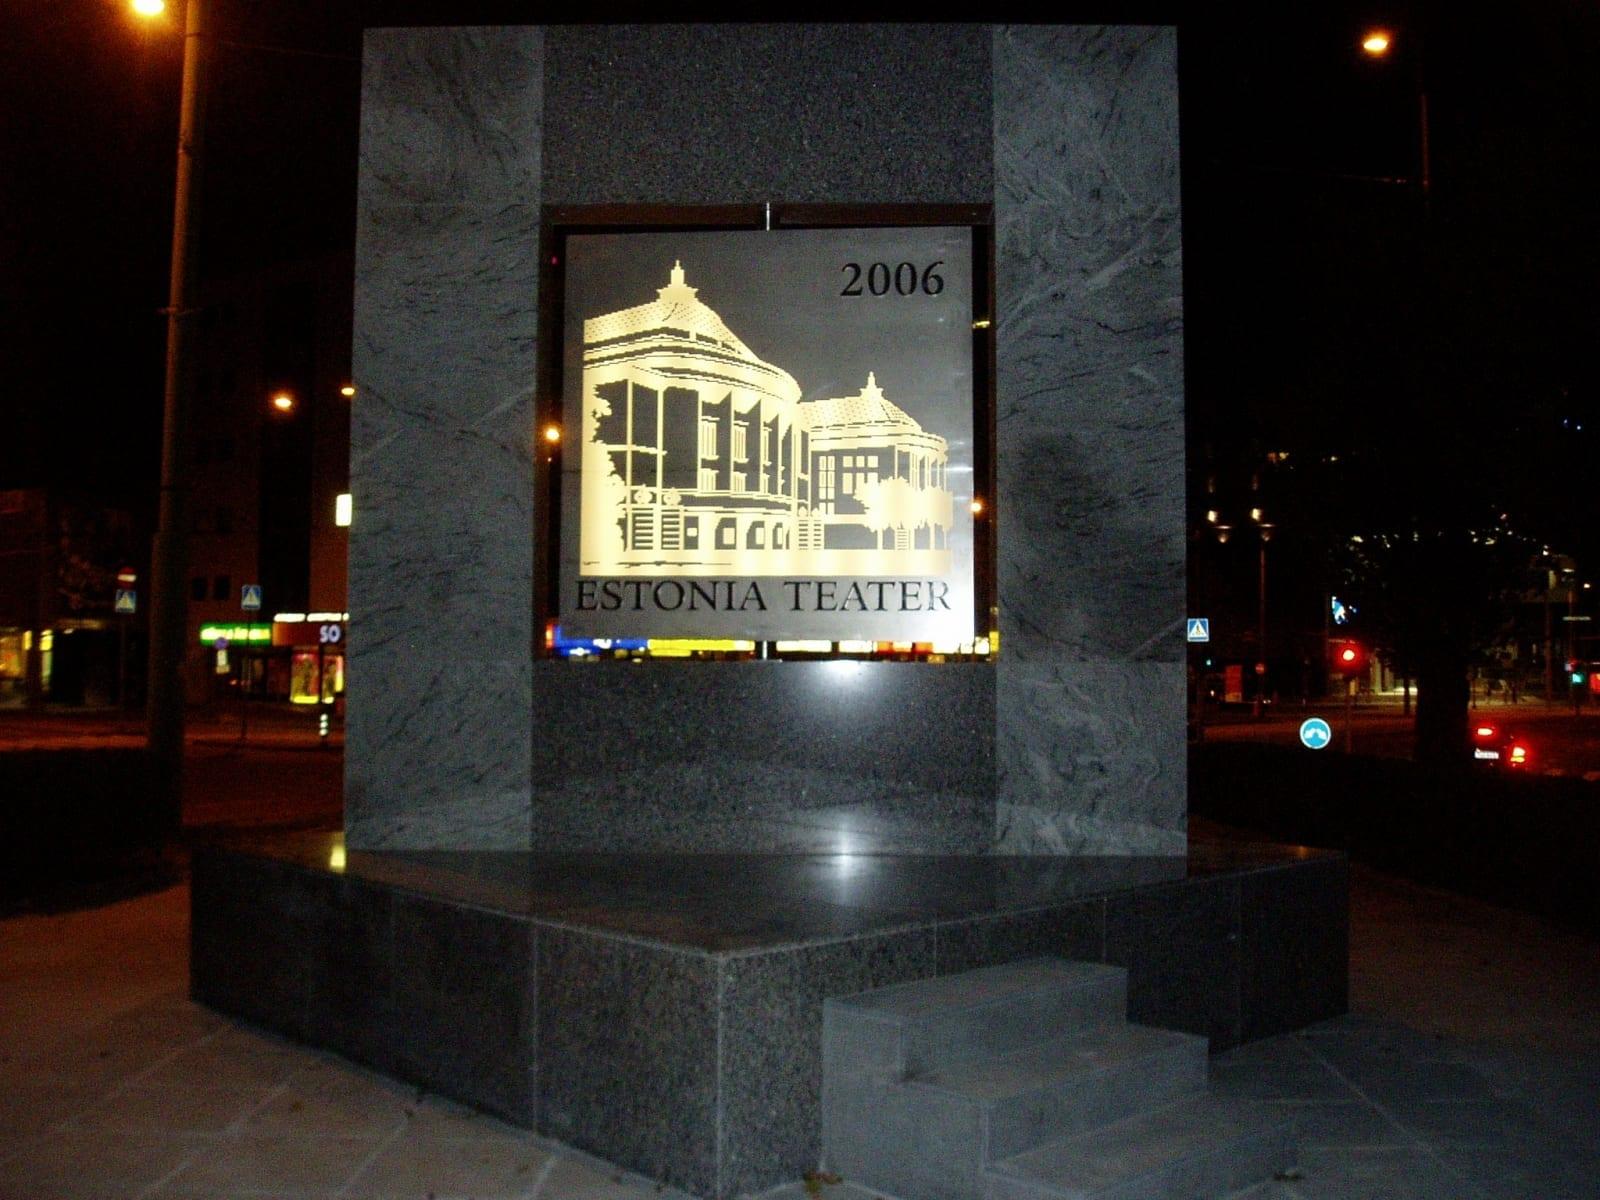 ESTONIA TEATRI 100 JUUBELI MONUMENT 2006 h= 5 m graniit, roostevaba teras, keskmine osa pöörlev ja valgustatud - Tallinn, Eesti  <br/>THEATRE ESTONIA 100 MONUMENT 2006 h= 5 m granit, stainless steel, the middle part is moving, light inside - Tallinn, Estonia